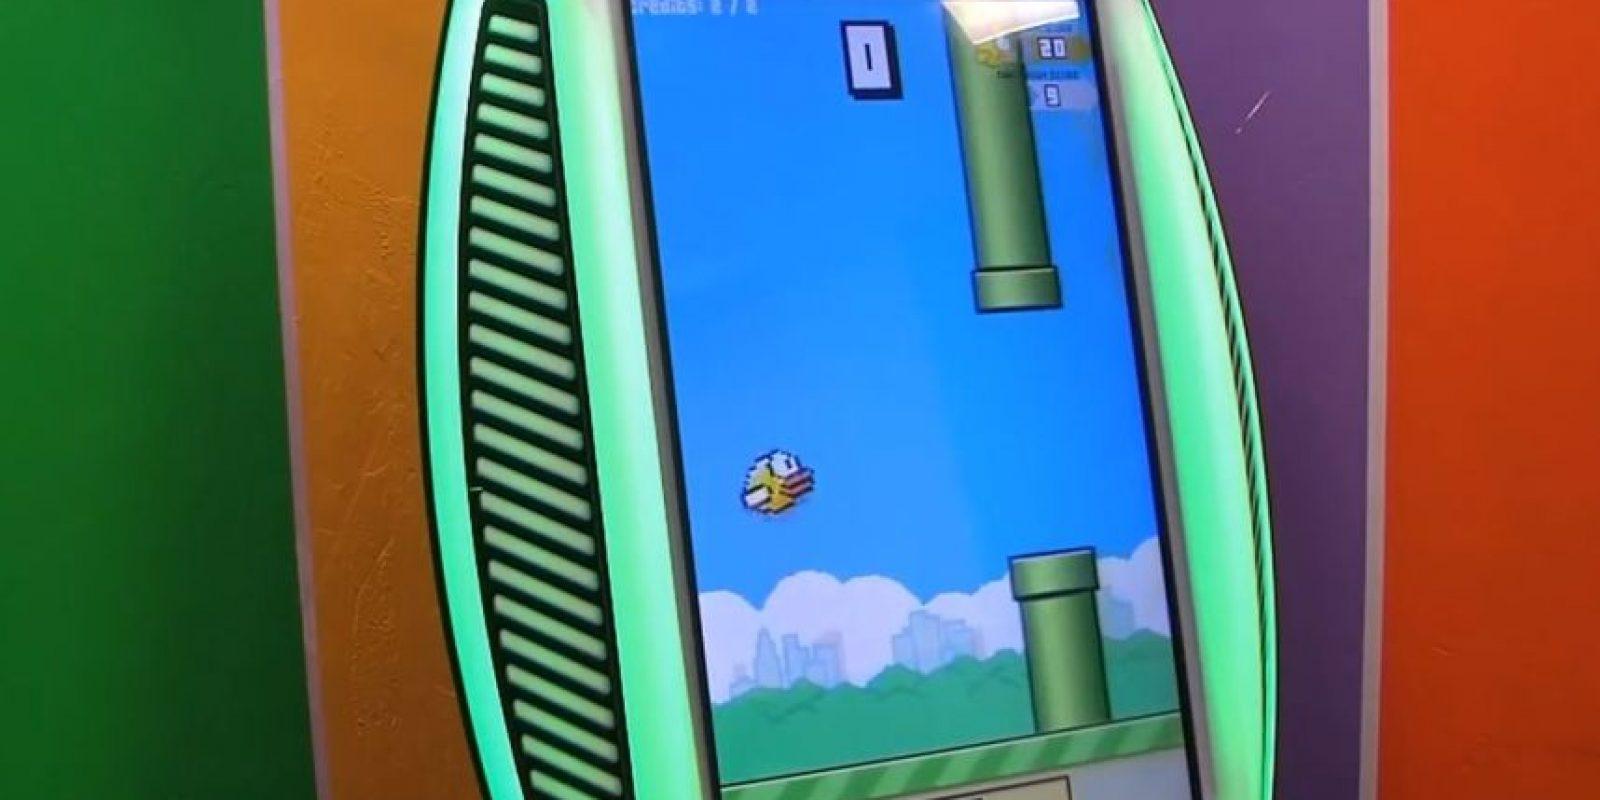 El videojuego ahora se puede disfrutar en una pantalla más grande. Foto:vía ASI Dubai